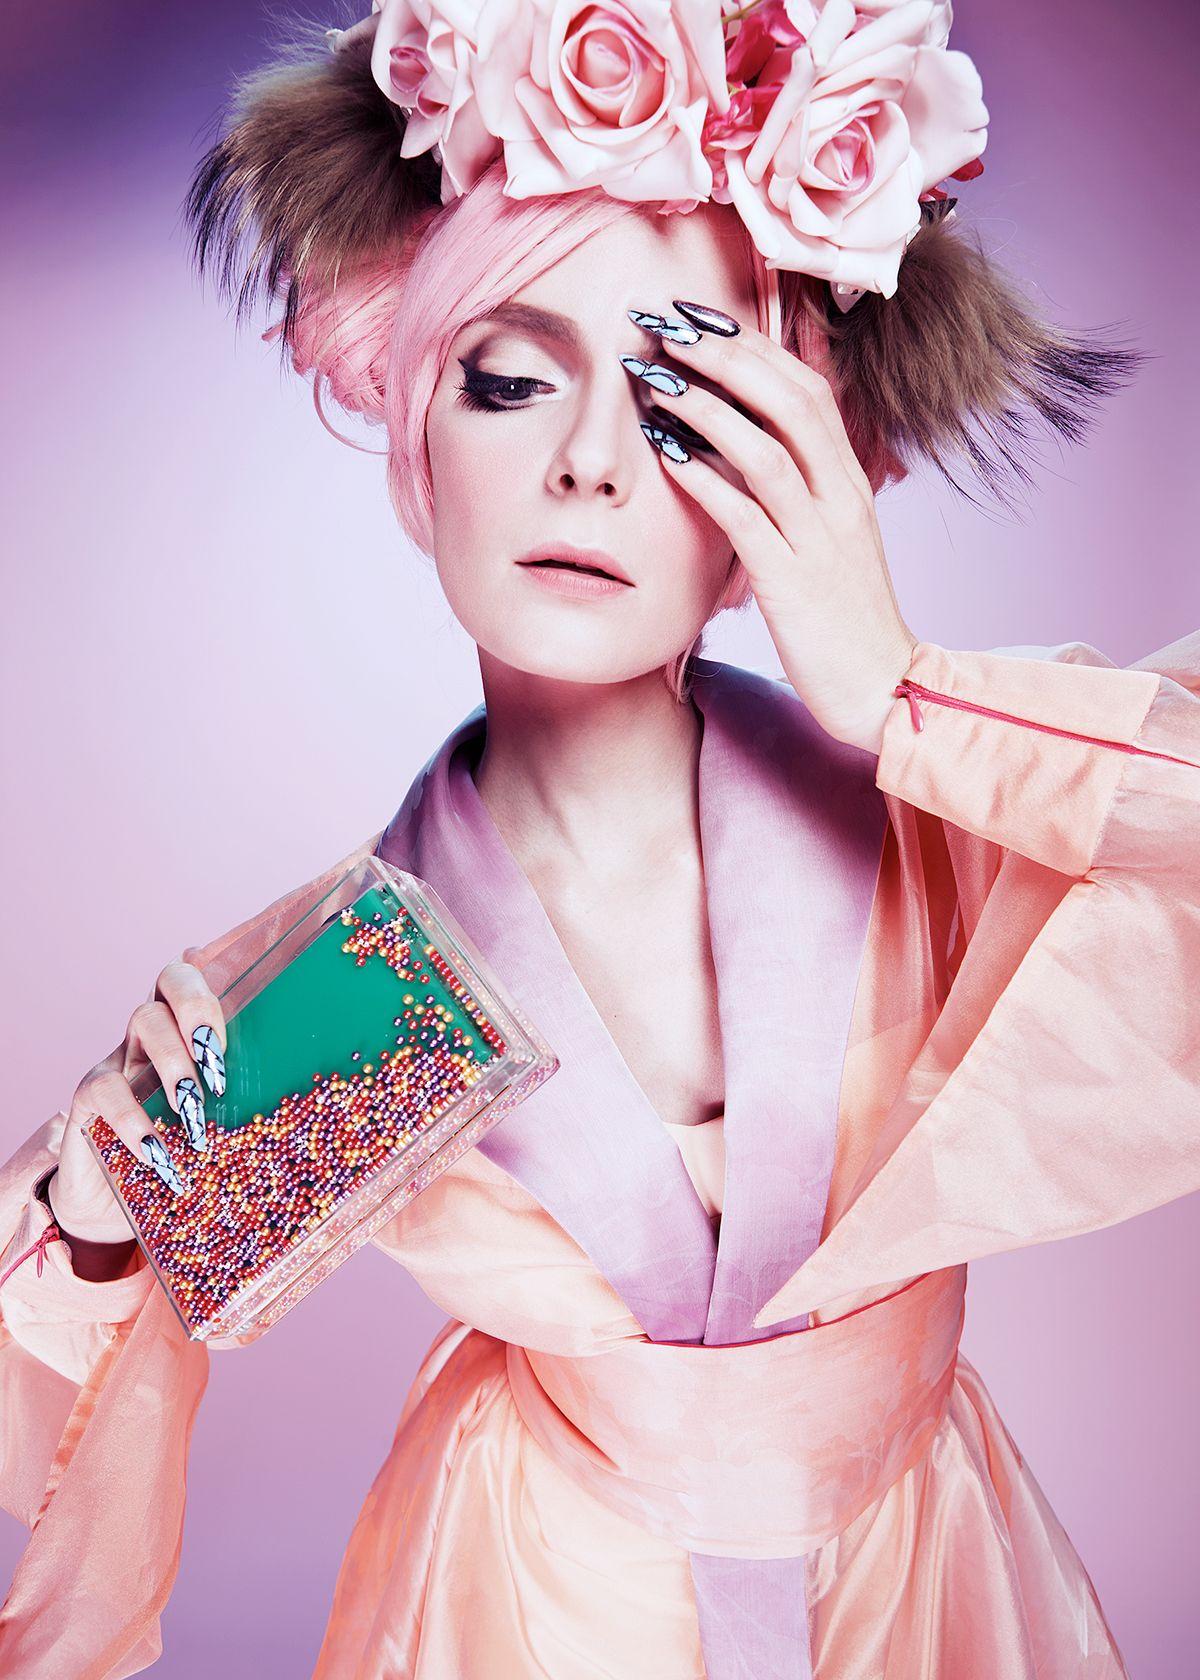 KAWAI @ 12mag.net on Behance | Fashion photography/design ...